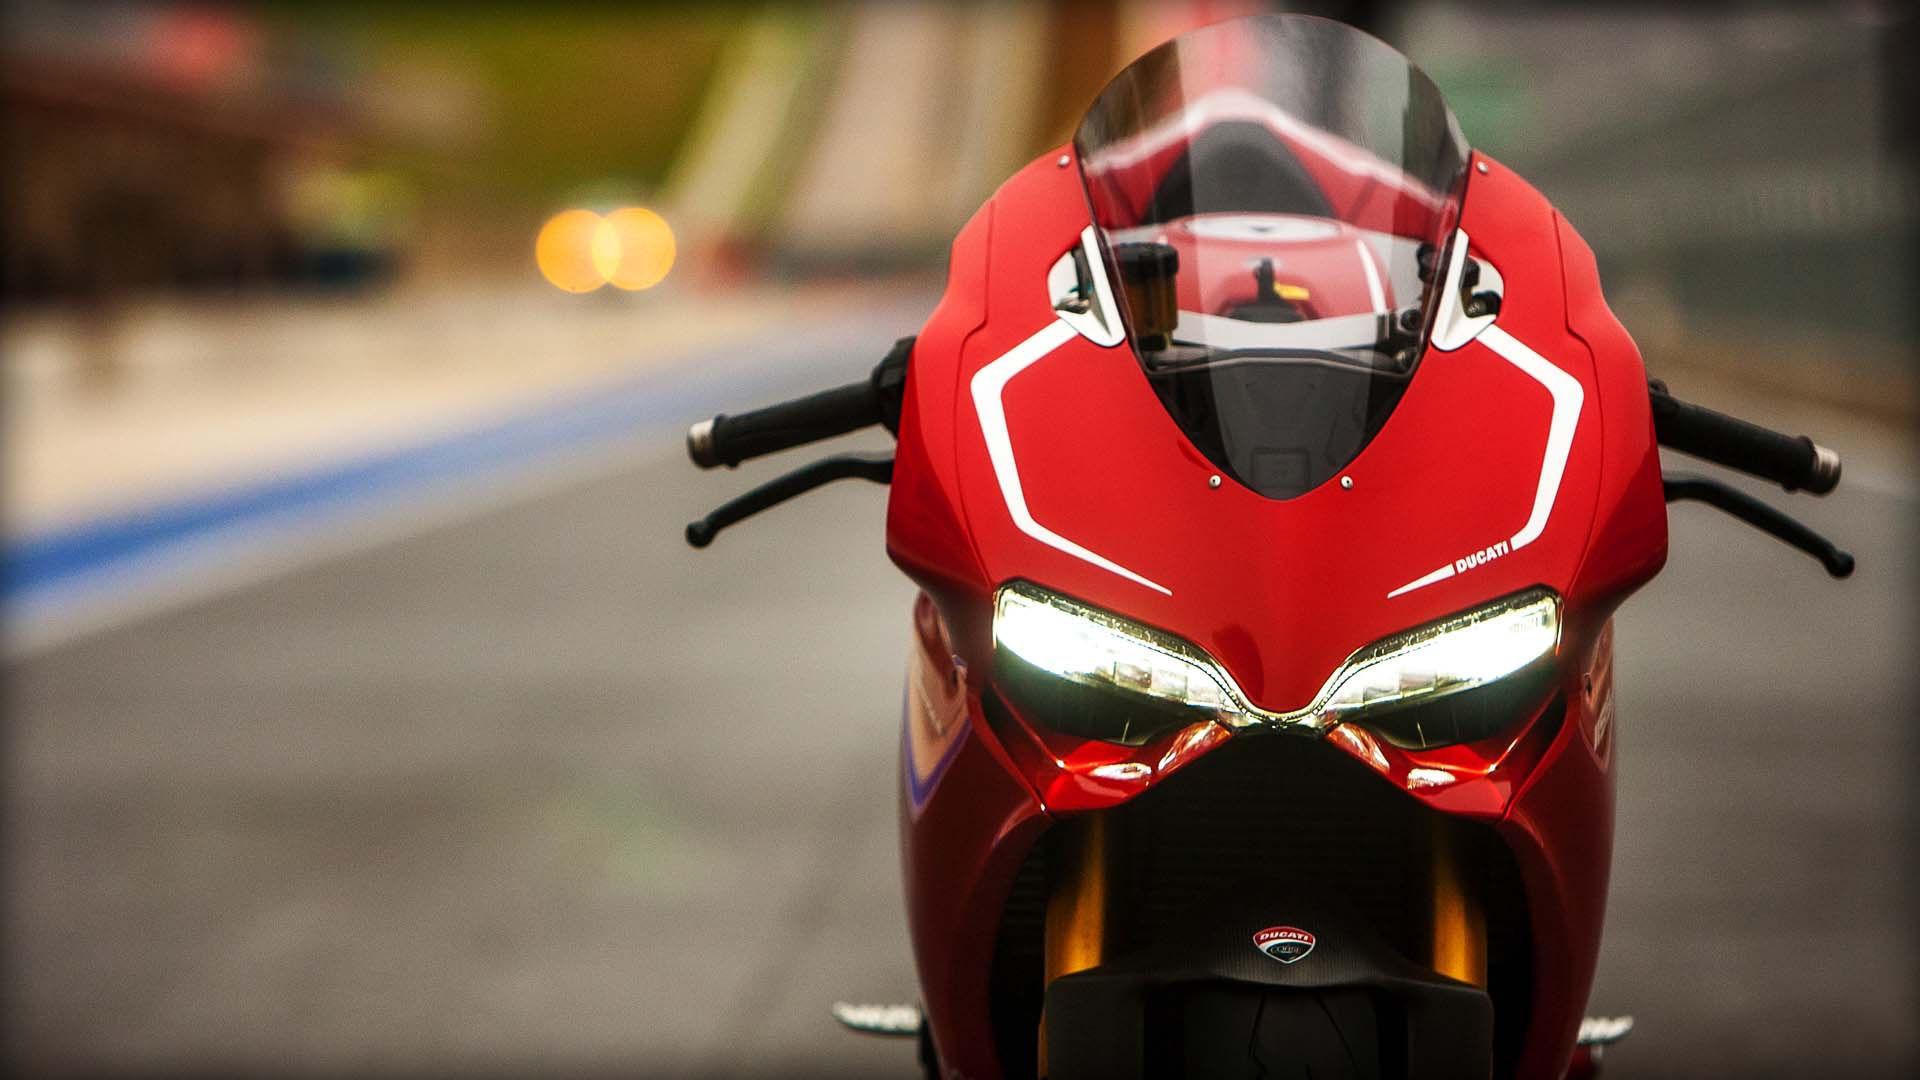 2014 Ducati  | Ducati 1199 Panigale R - Front